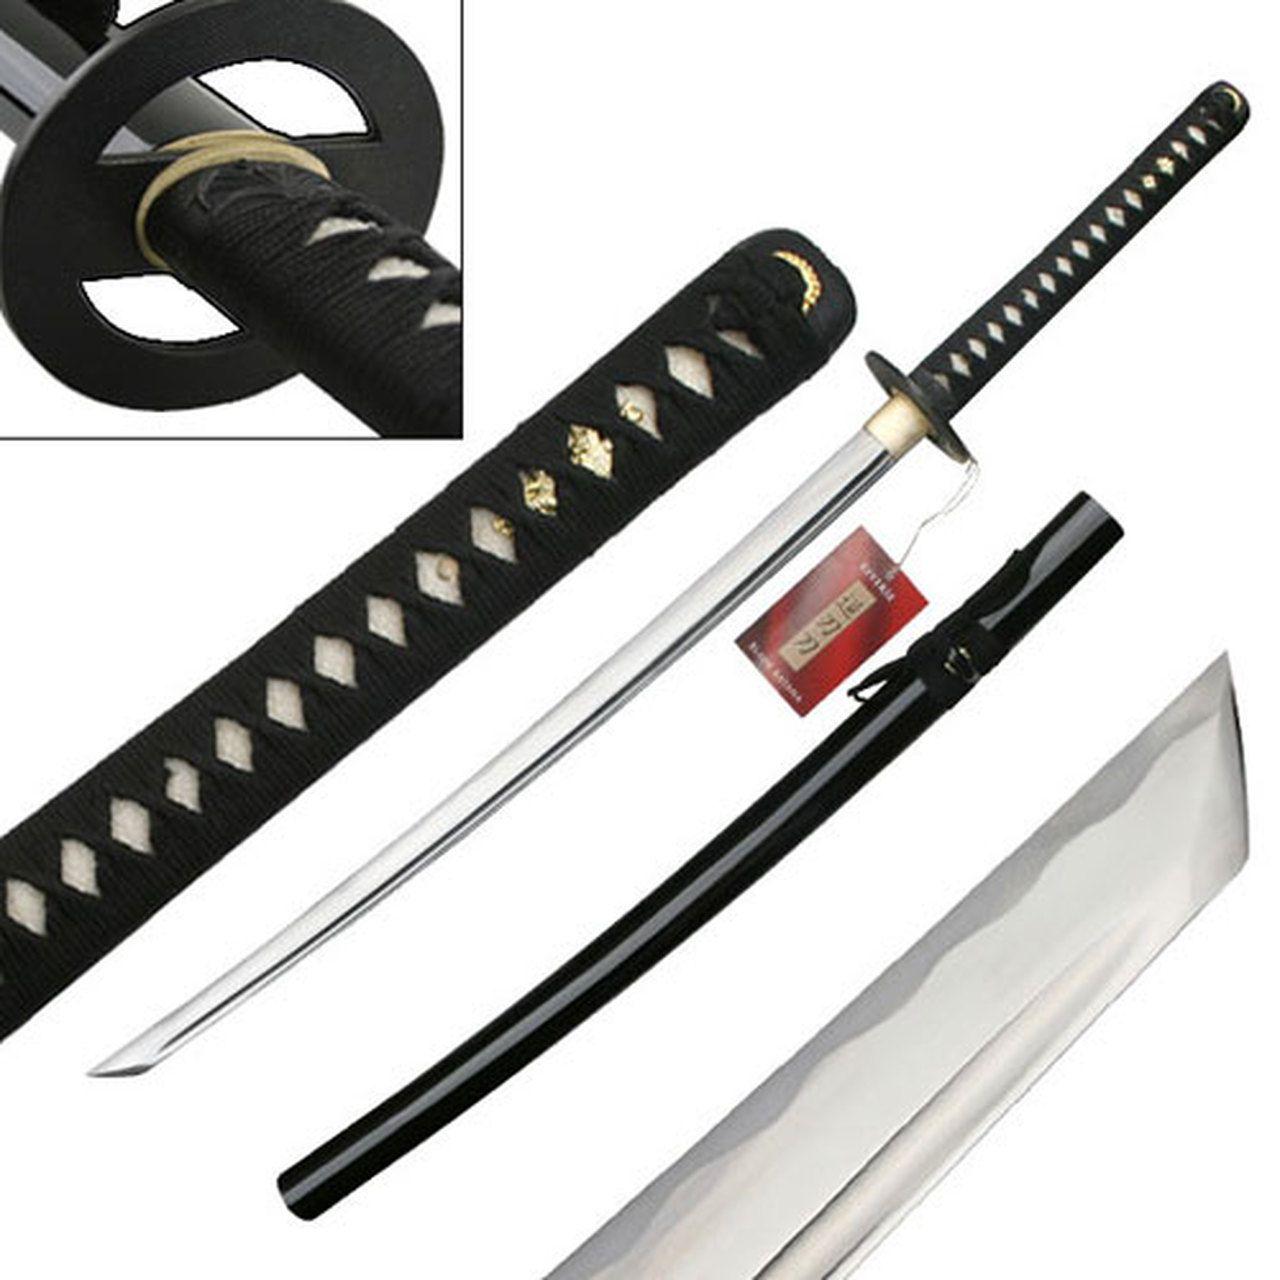 Bushido Samurai Katana Sword Ninja Weapon w Martial Arts Scabbard Equipment Gear